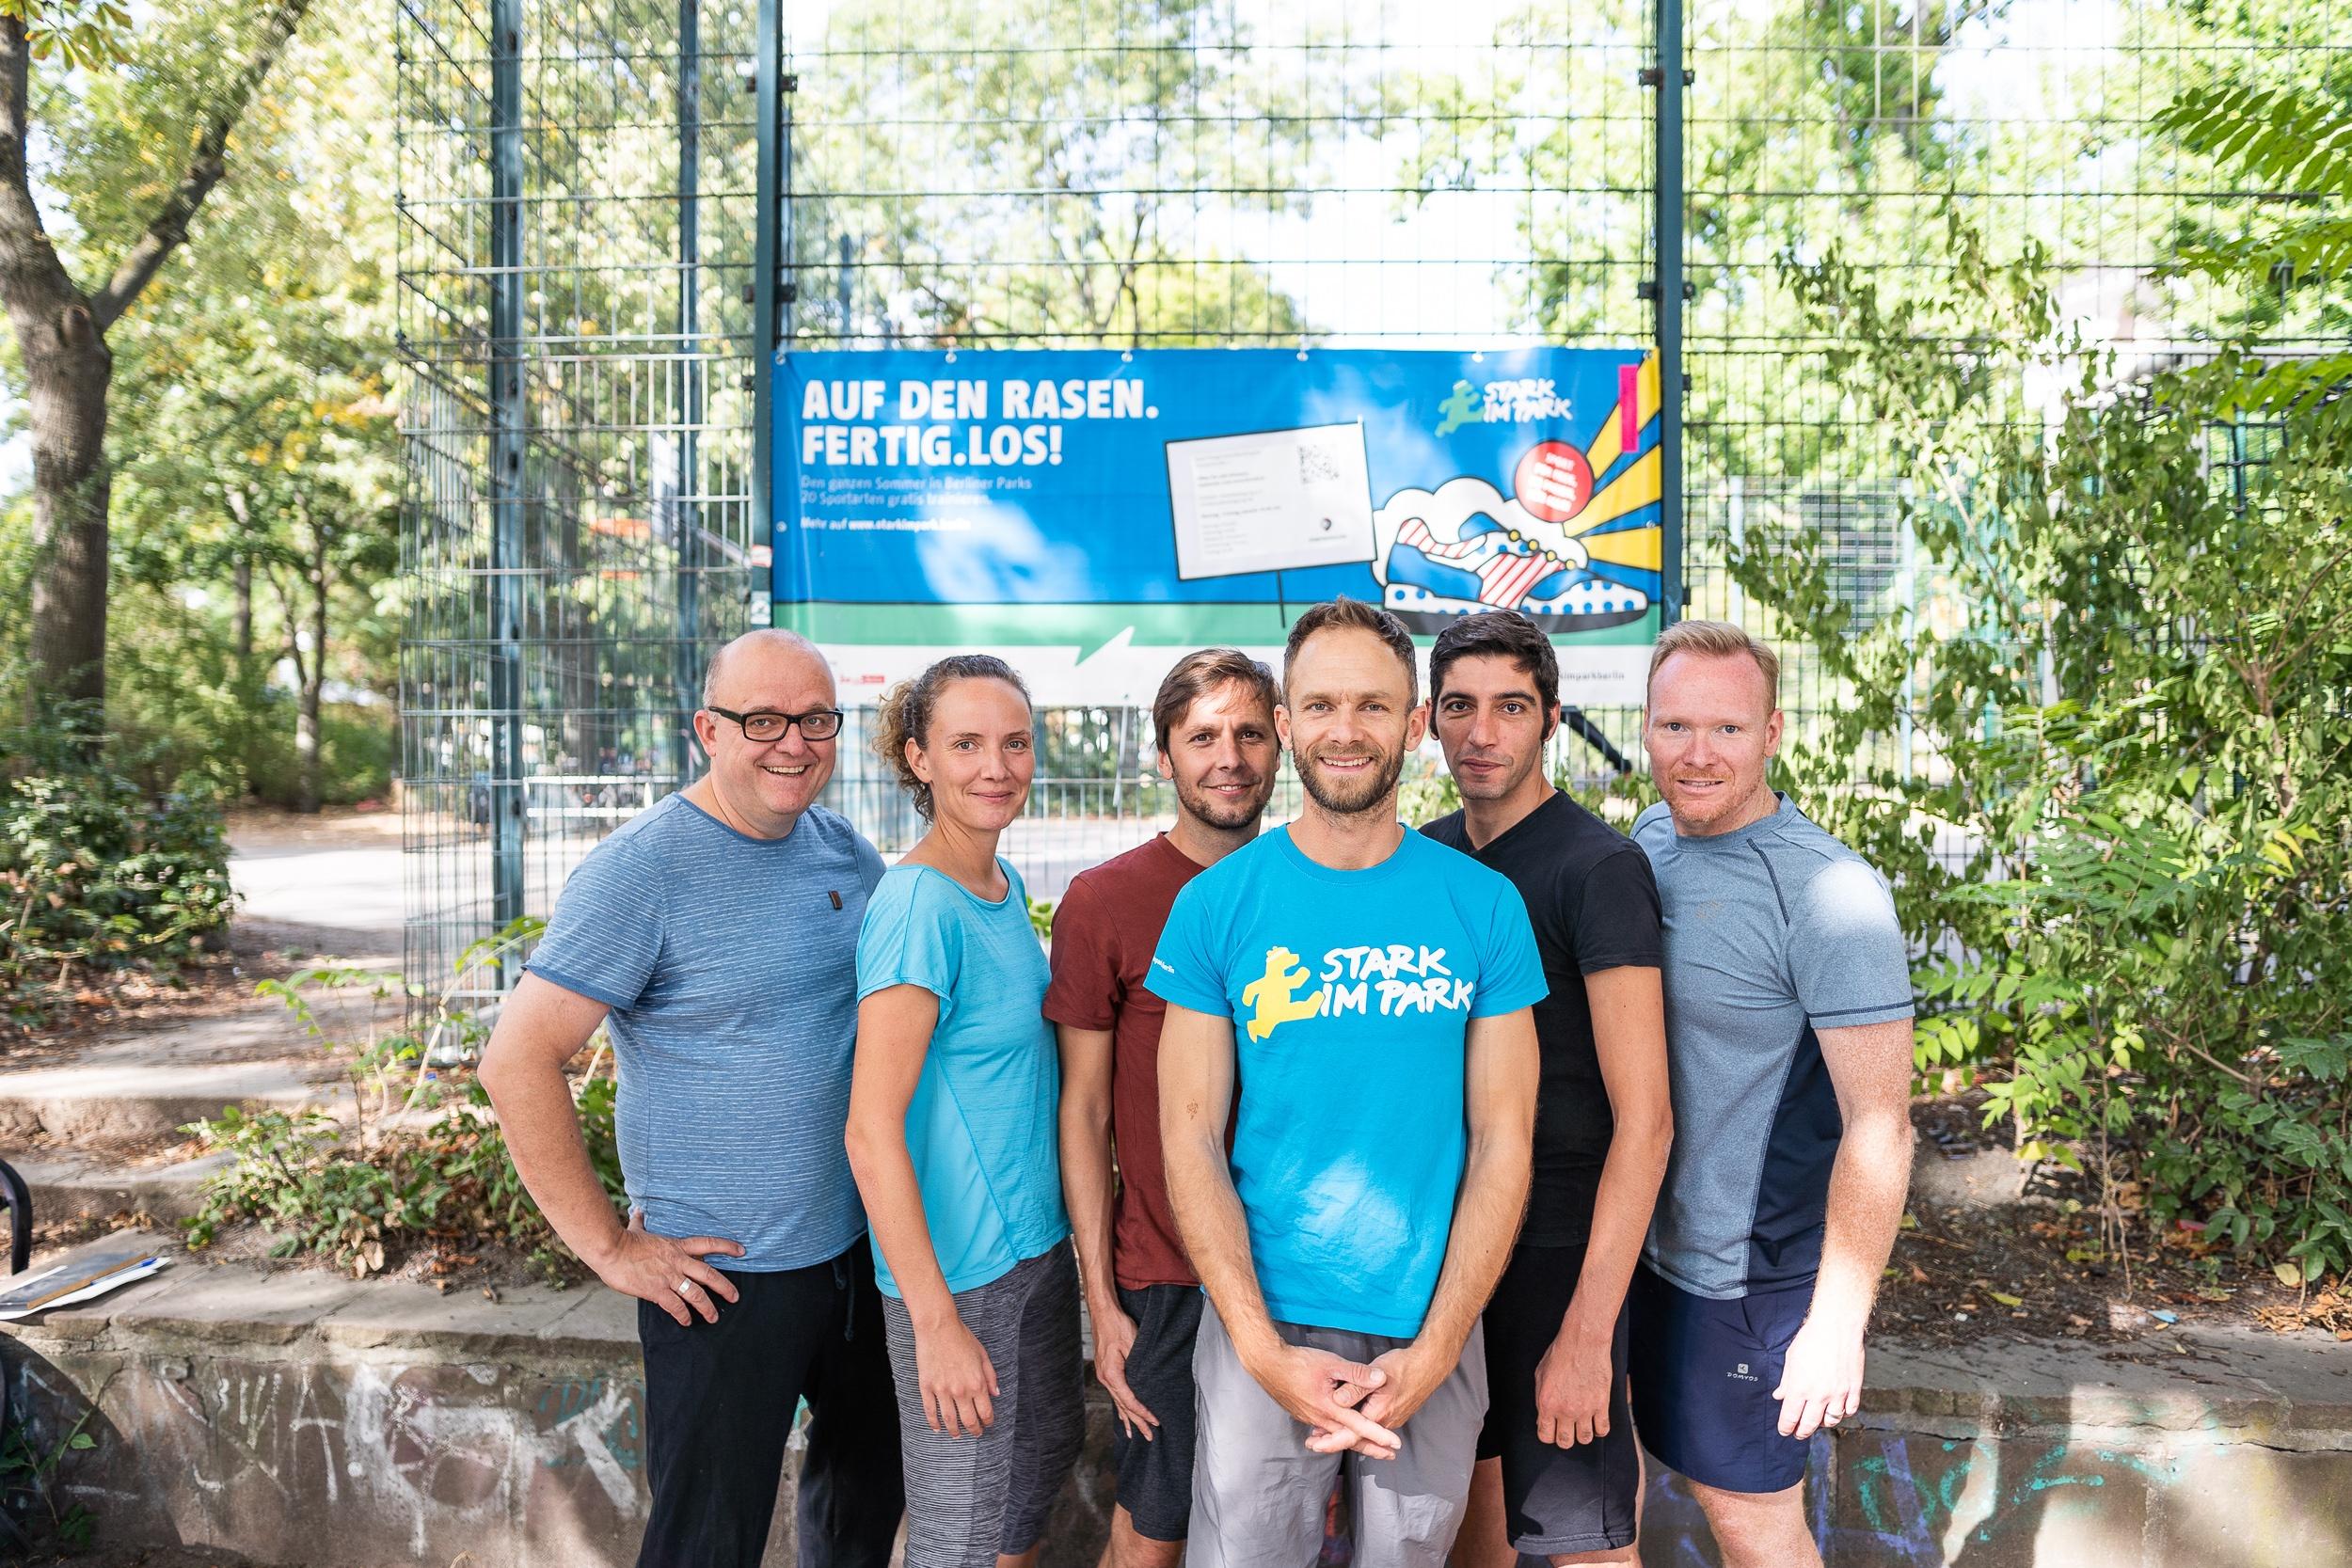 Stadtbewegung Team